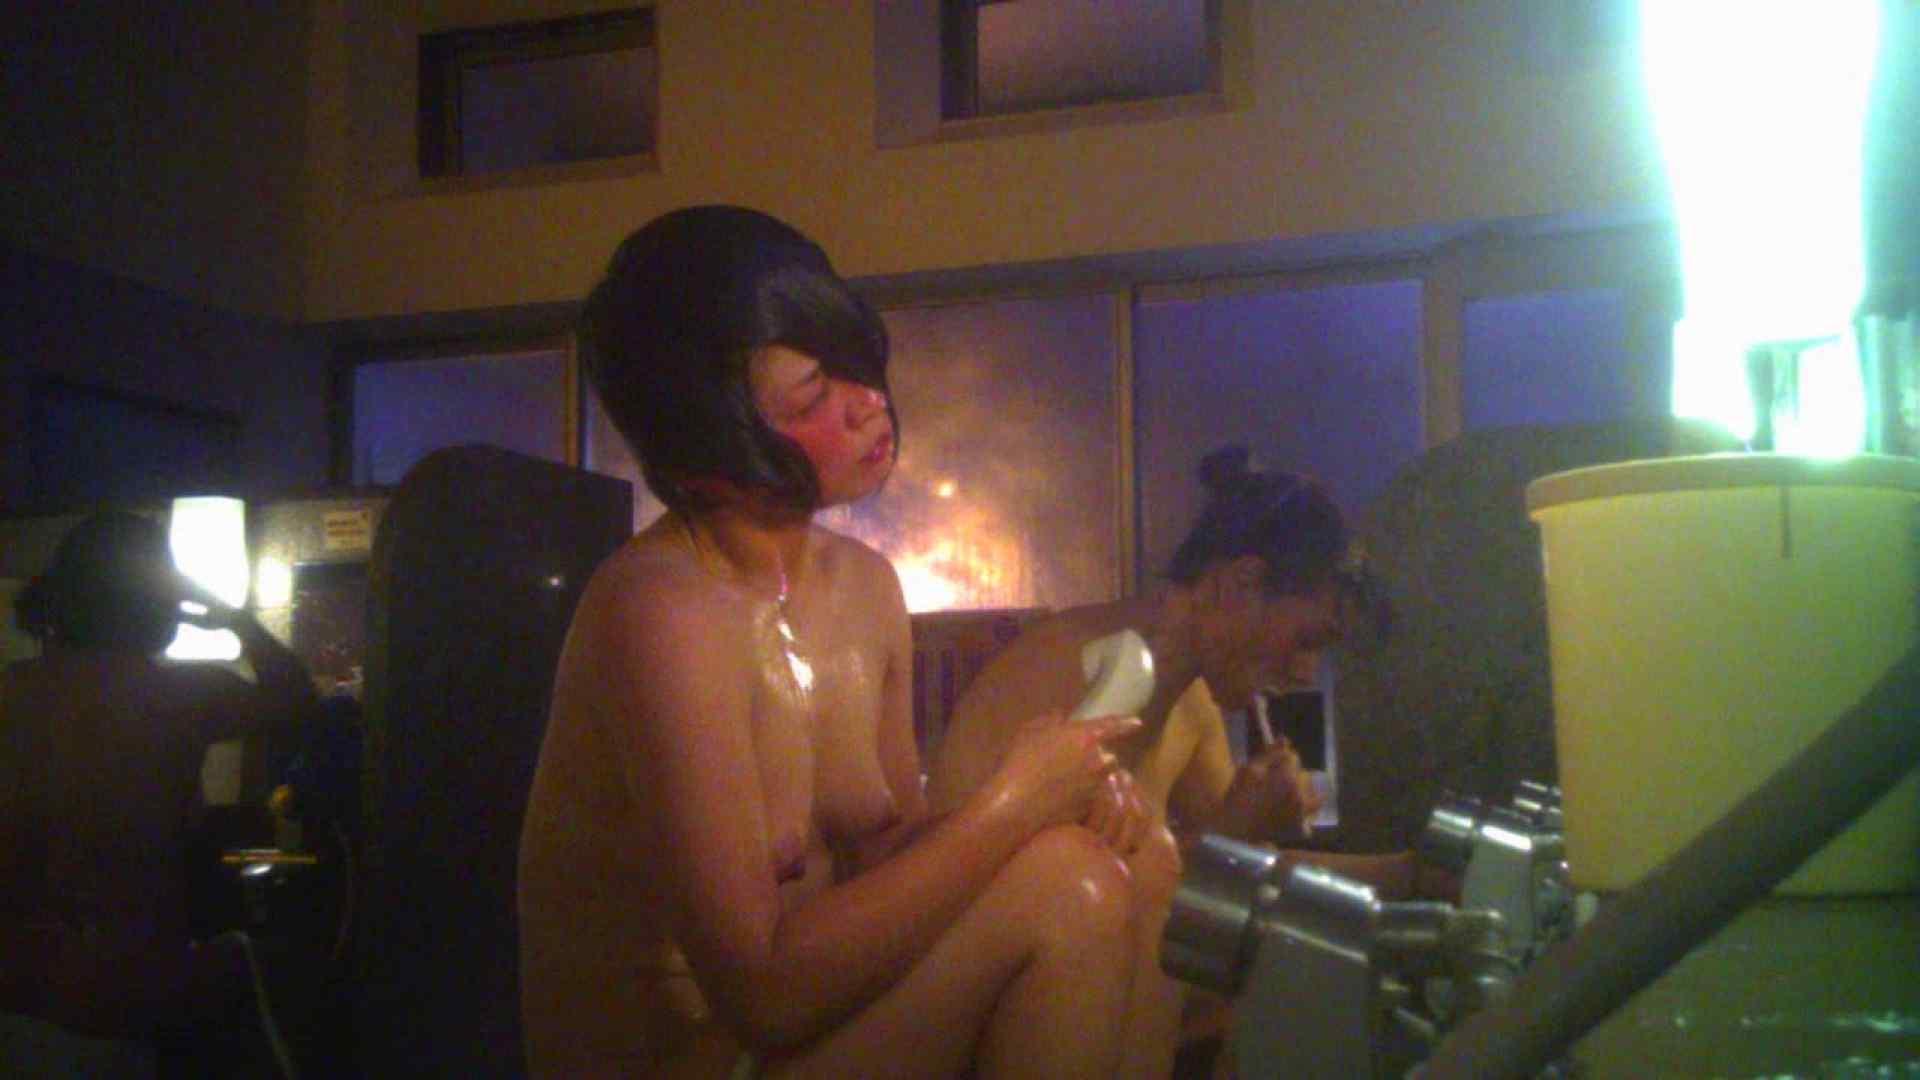 TG.21 【上等兵】井戸端会議が大好きな奥さん 女風呂  92連発 58